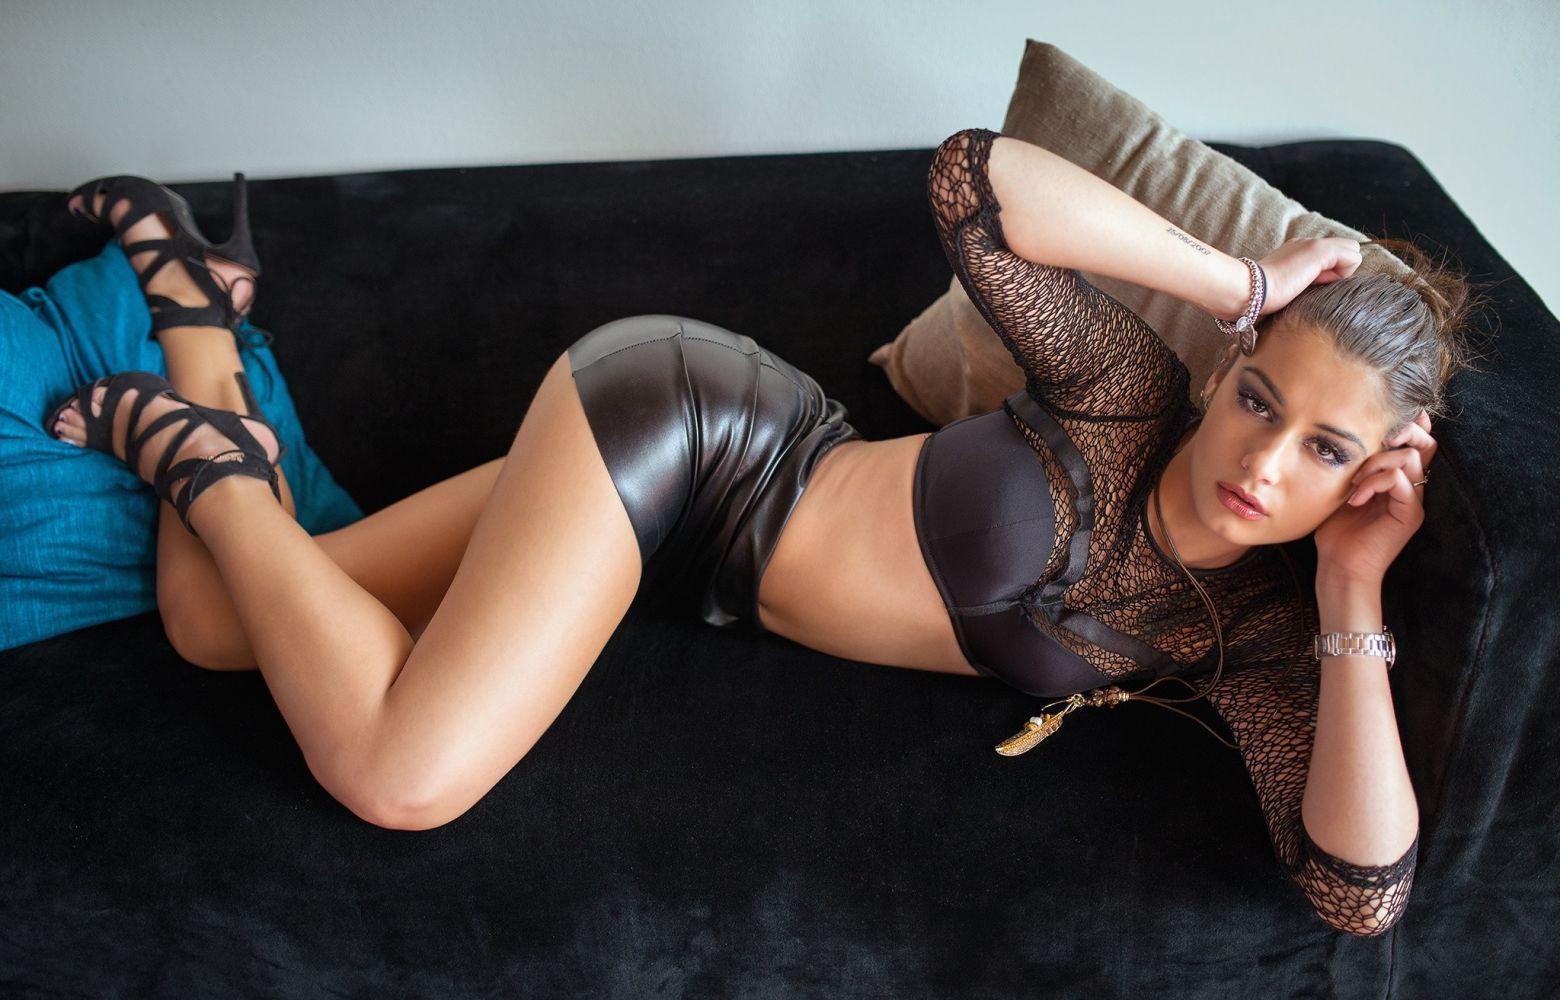 Sexy bra set underwear bikinis black lace cross sling women intimate lingerie